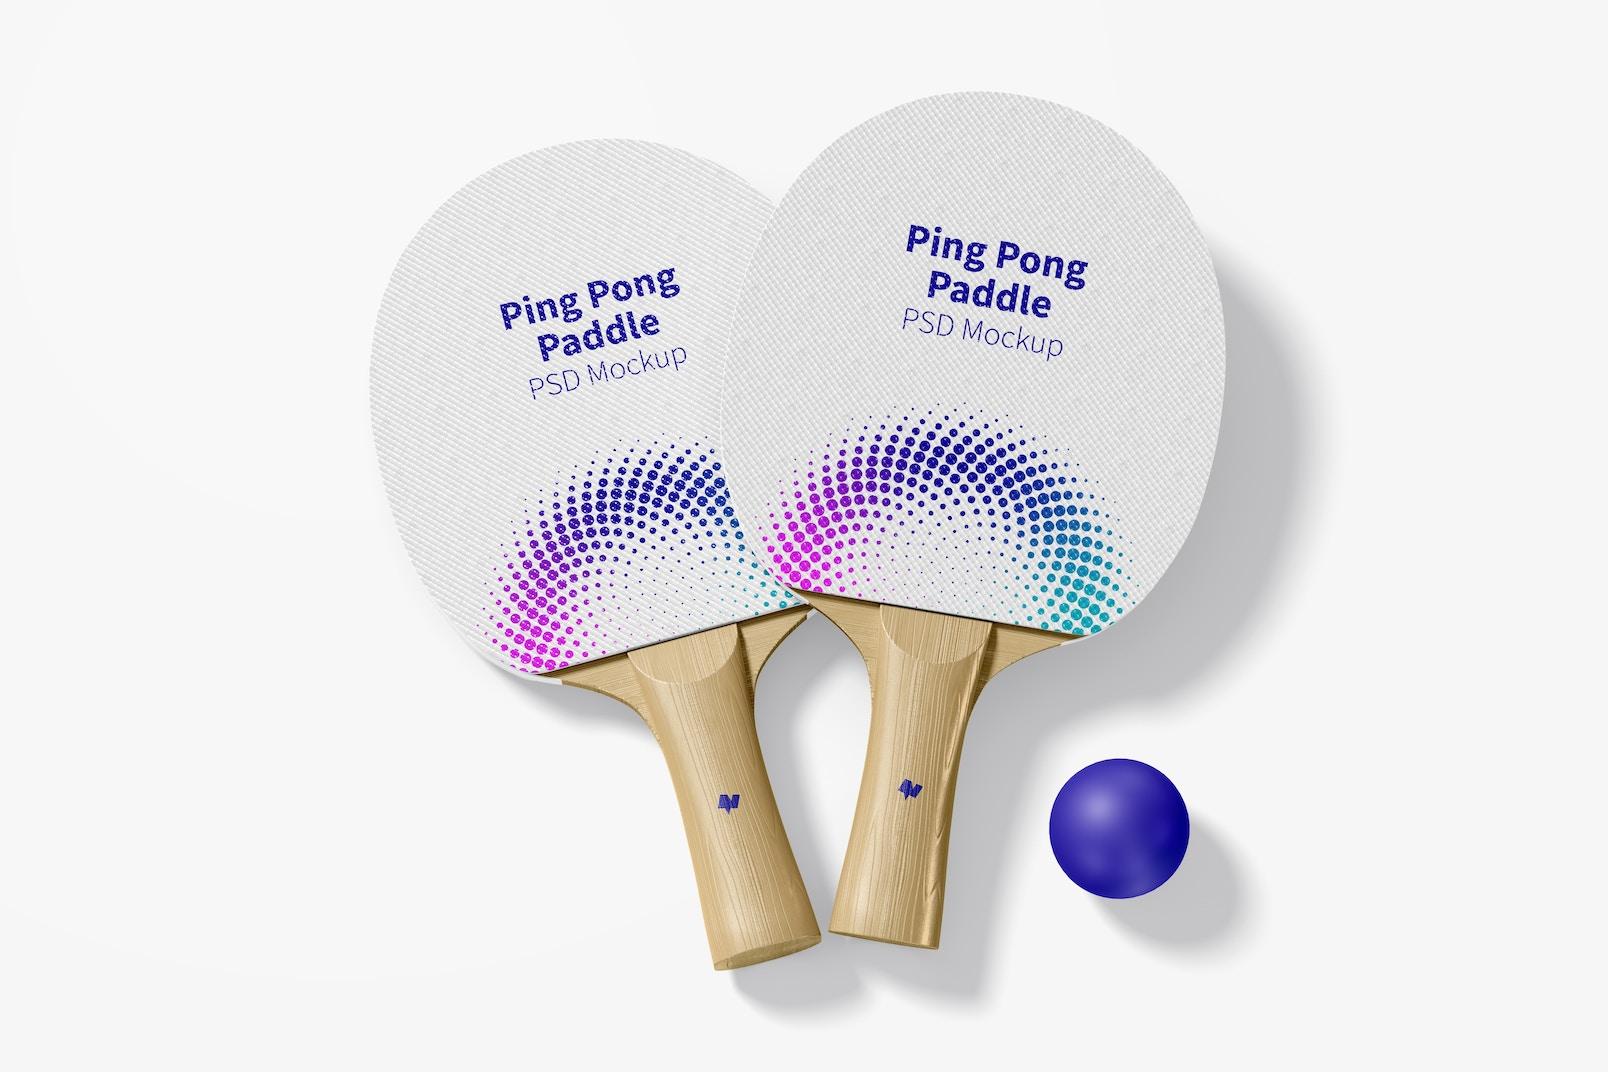 Ping Pong Paddles Mockup, Top View